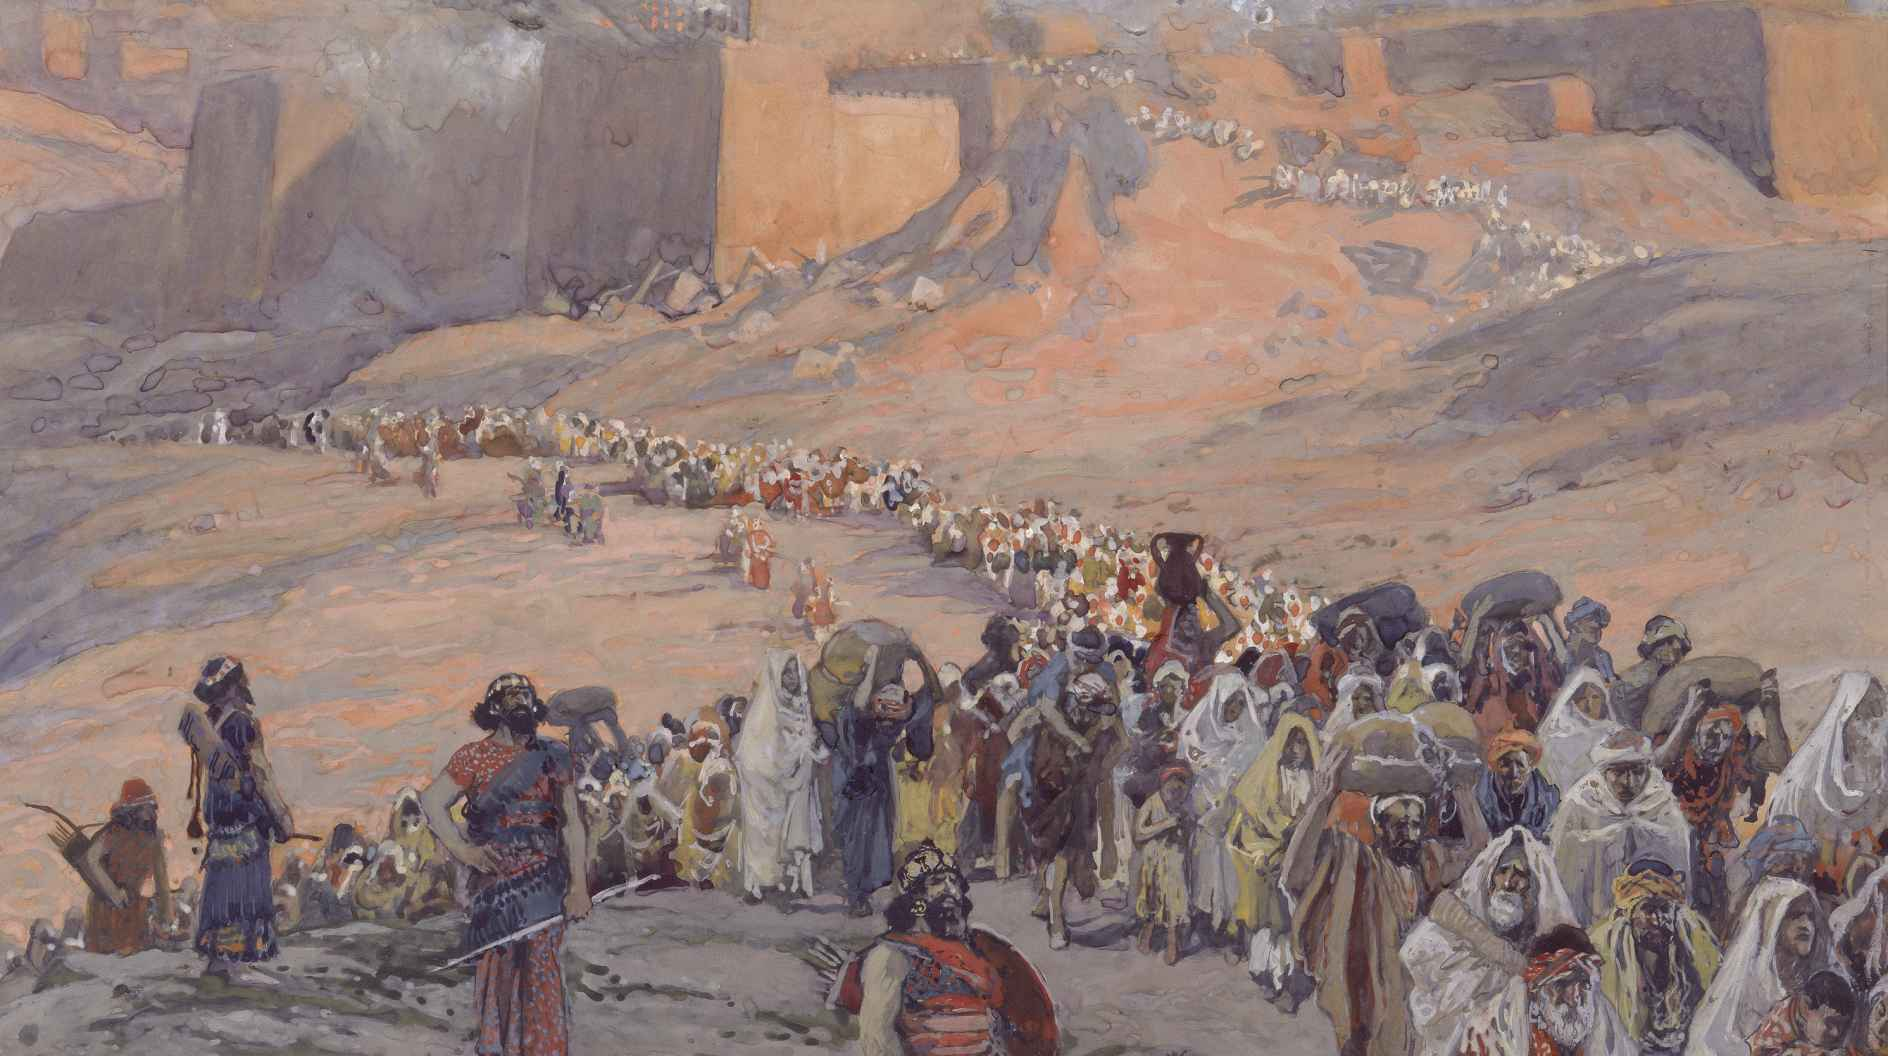 Det babylonske Fangenskab. Israel - ung og ældgammel. Israel-Info